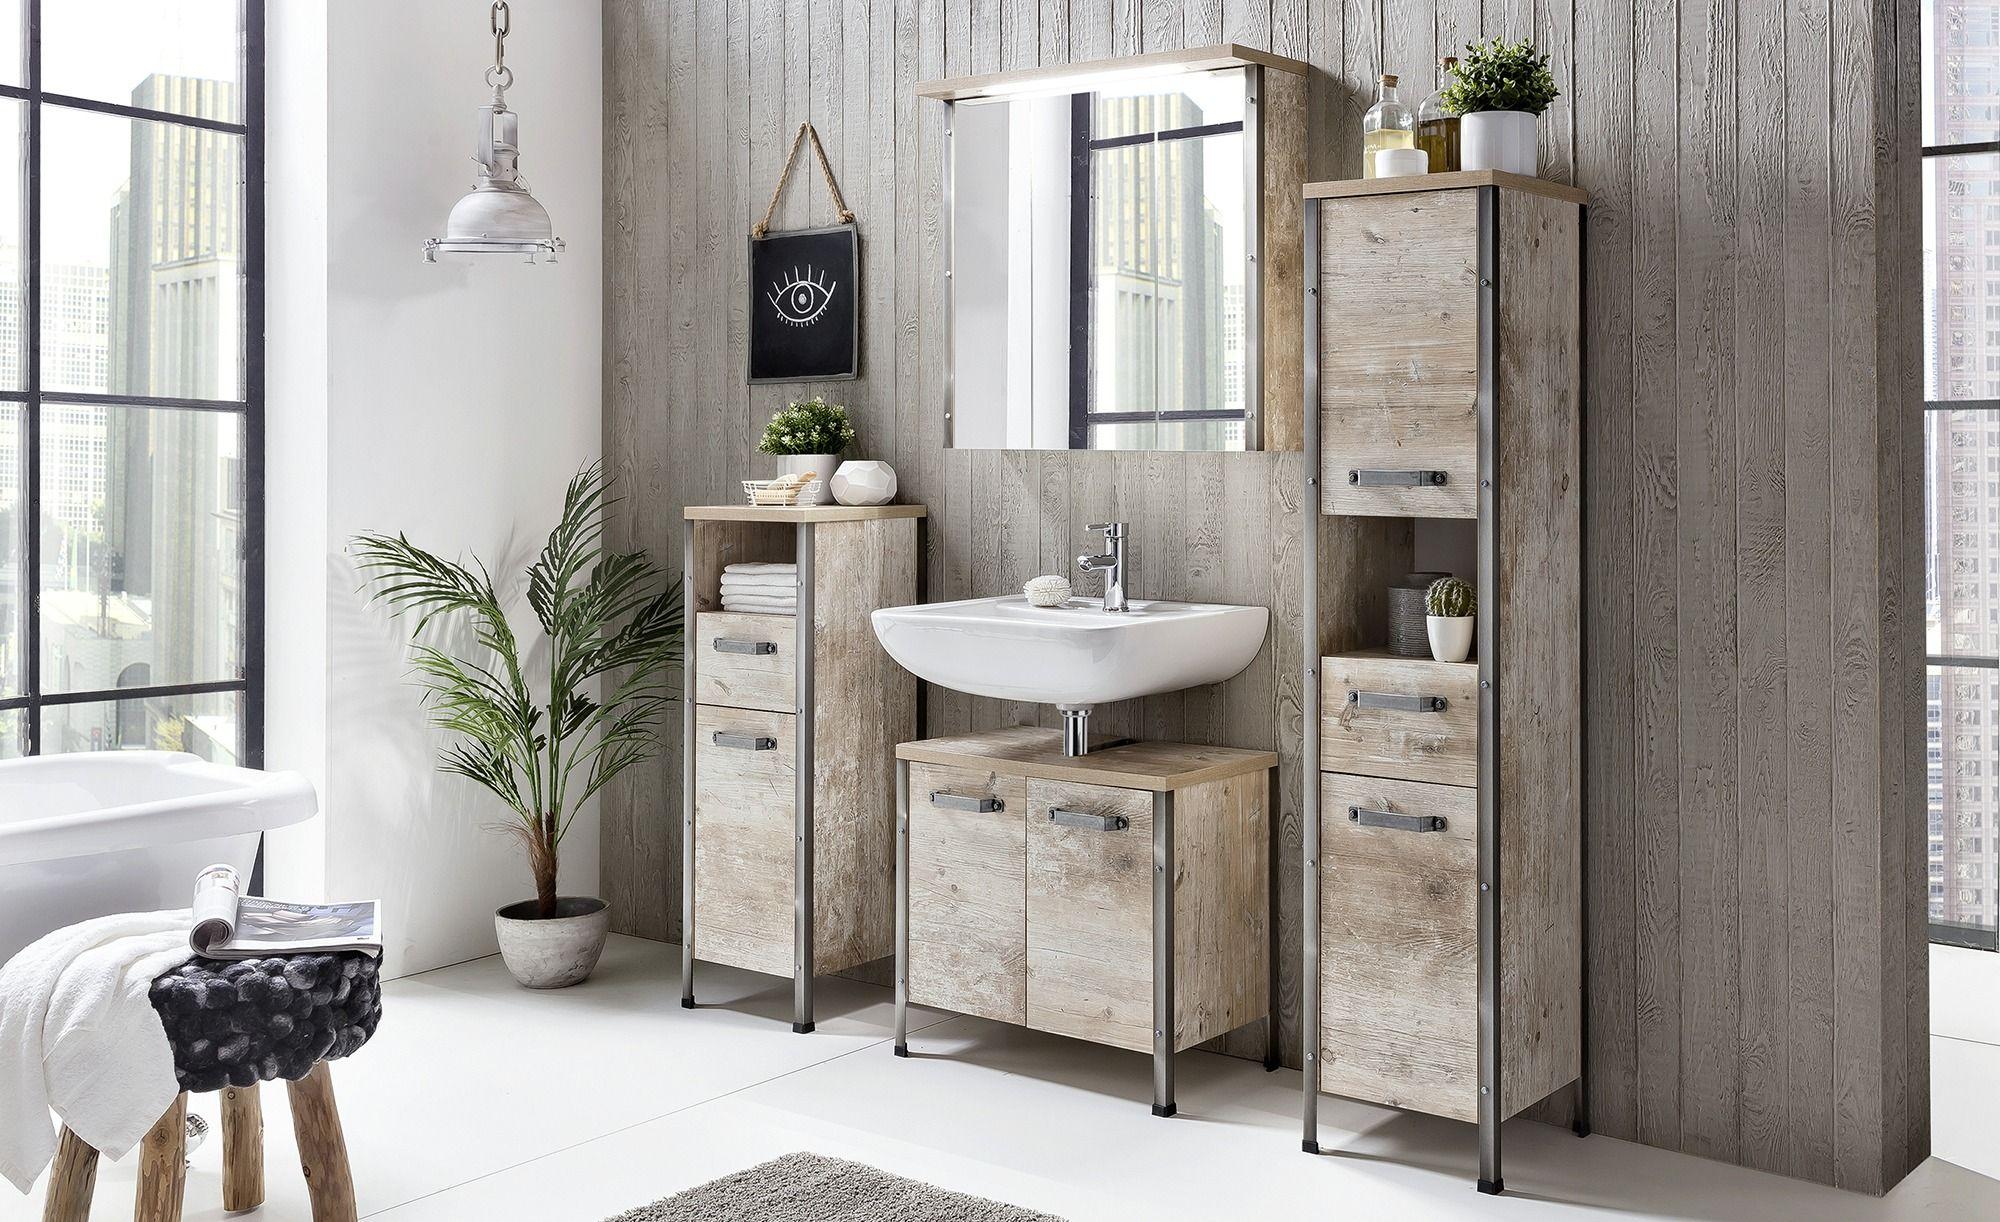 Holz Im Badezimmer So Wird Es Richtig Gepflegt Das Haus Badezimmer Holz Badezimmer Badezimmer Innenausstattung